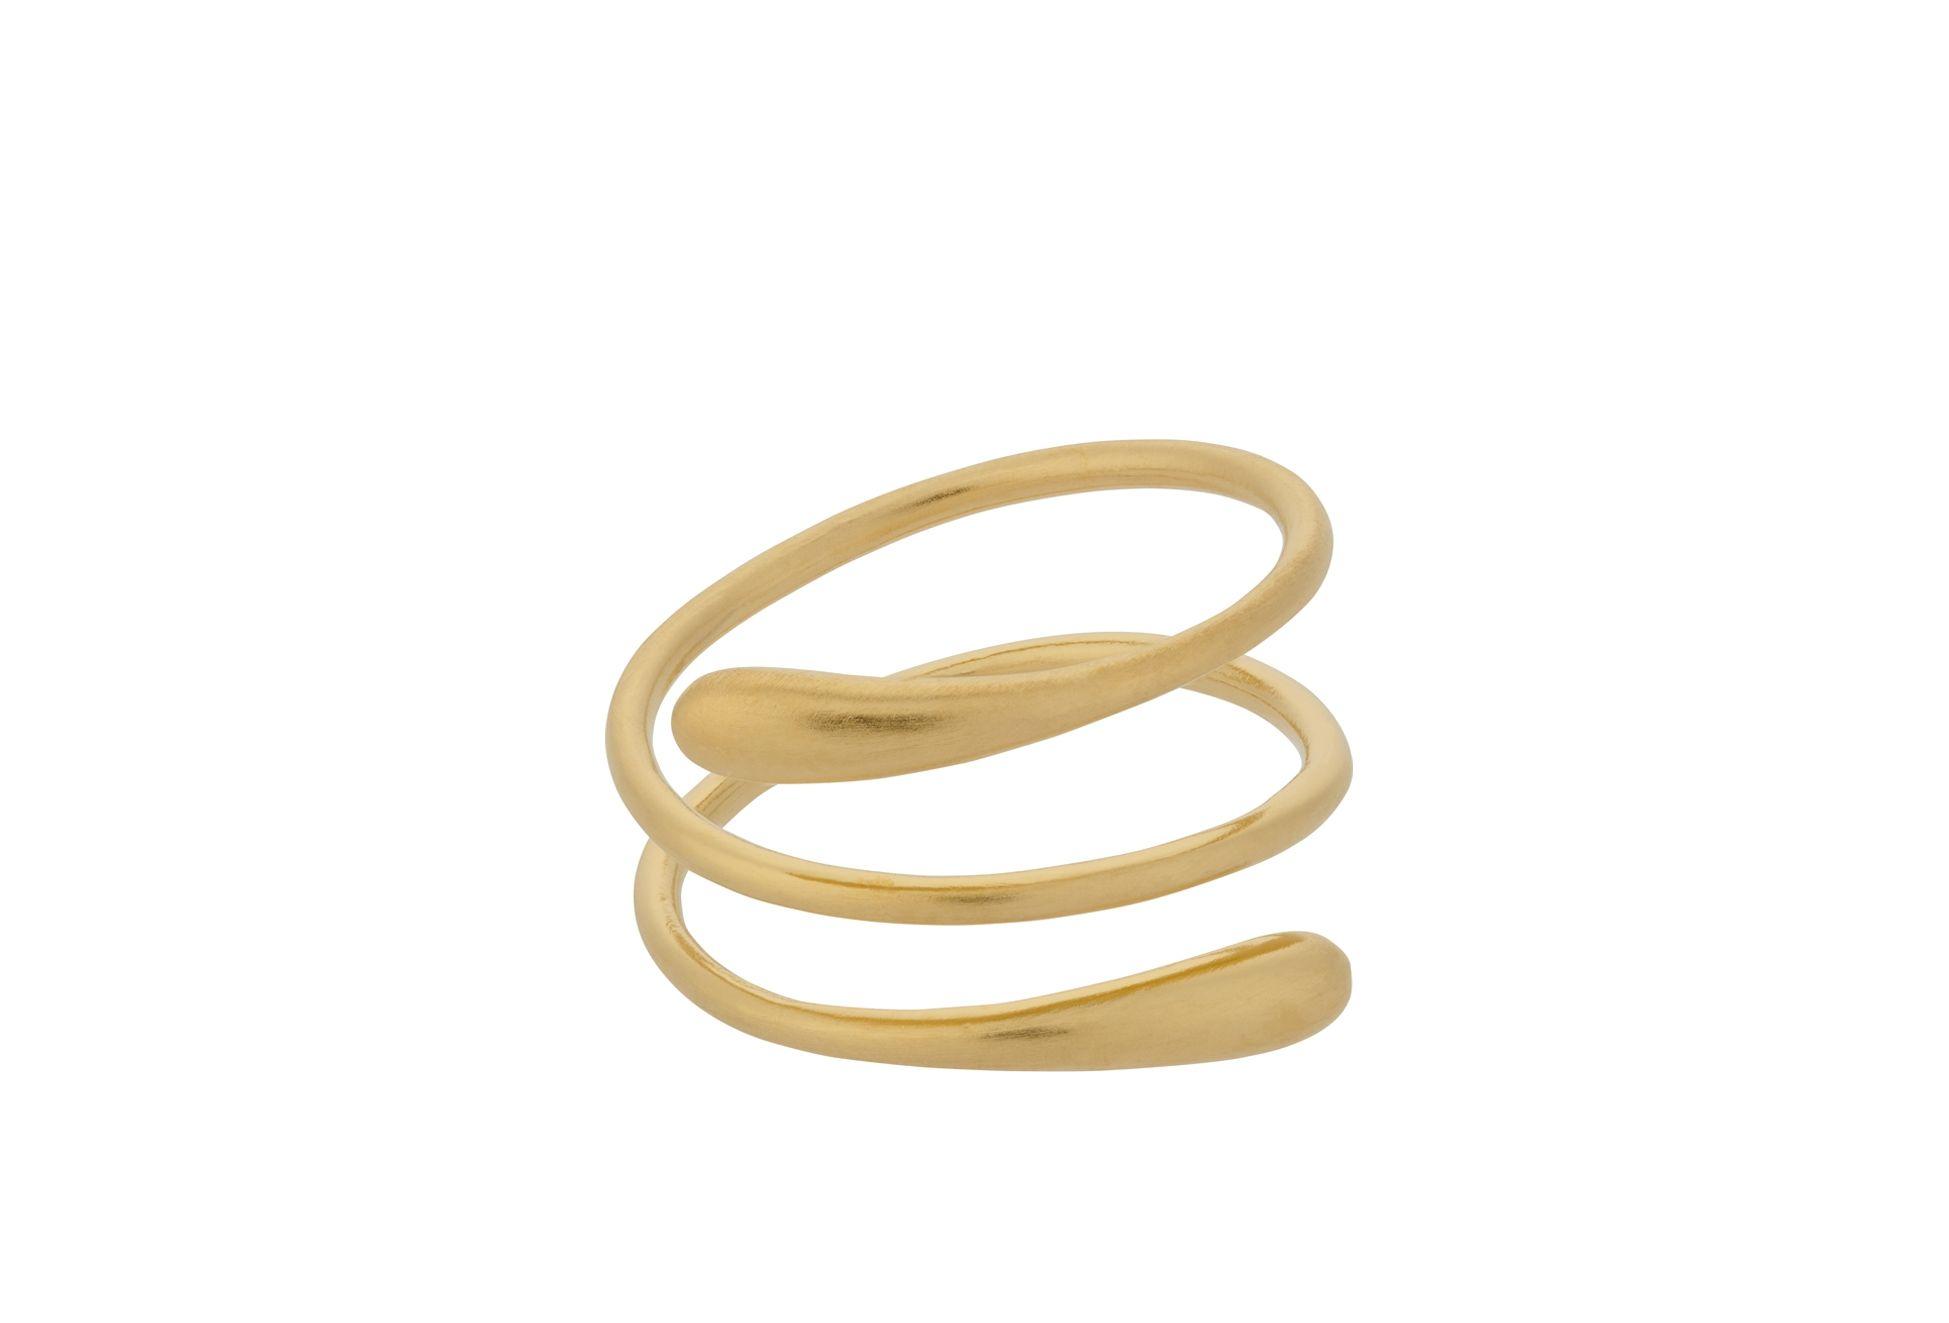 Pernille Corydon Waterdrop Ring;Pernille Corydon Waterdrop Ring